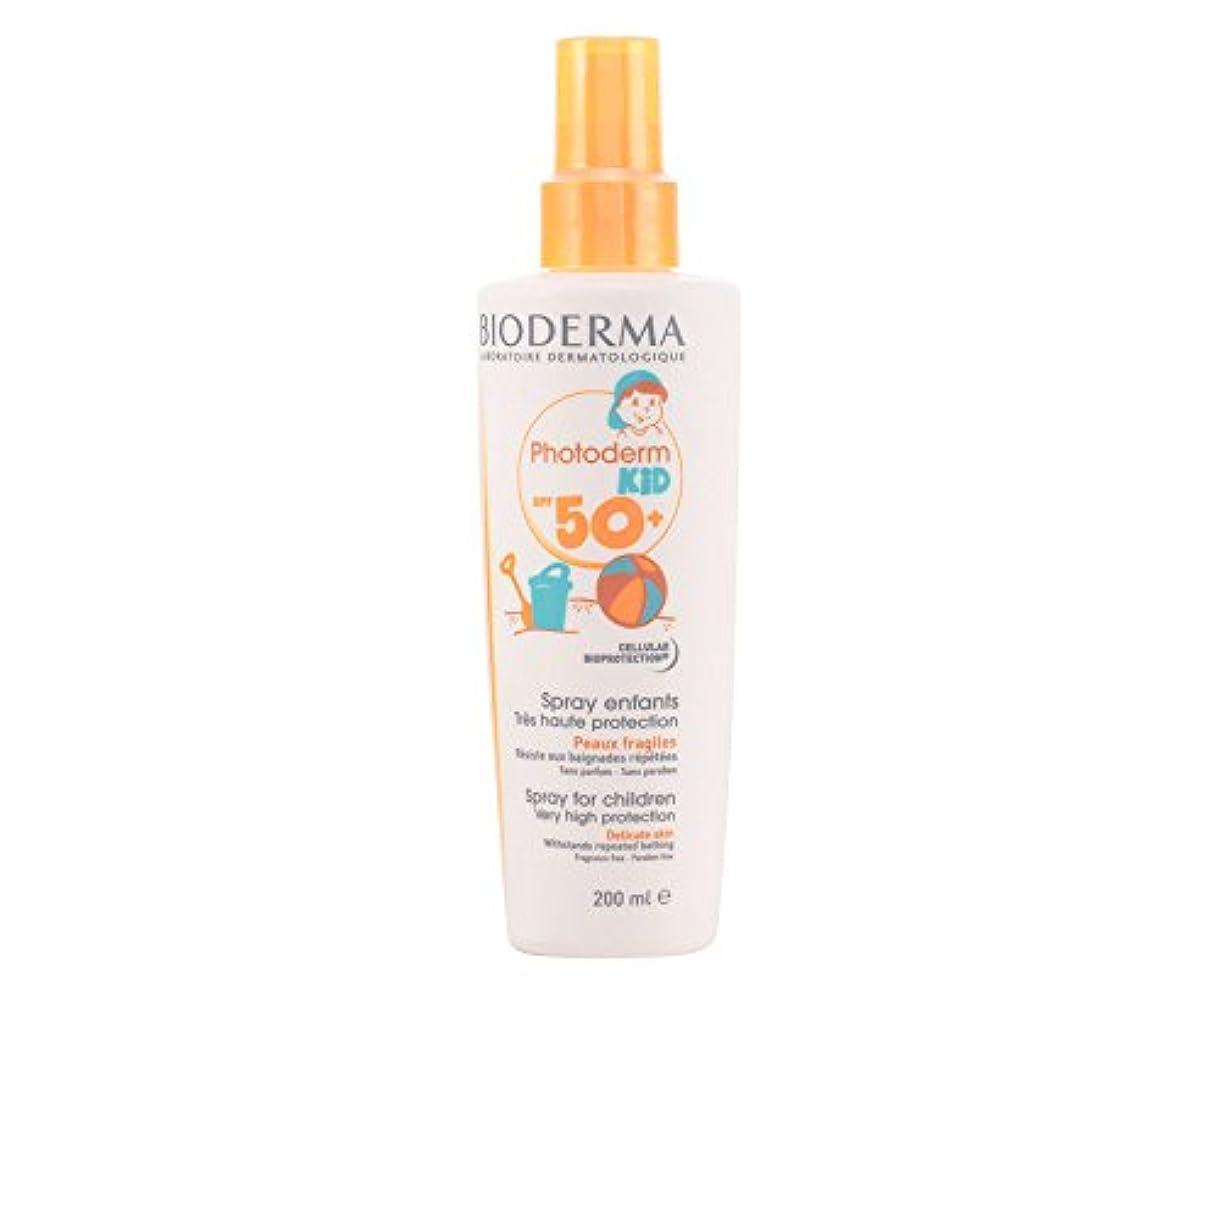 ファーム補償財団Bioderma Photoderm Kid Spf 50+ Spray 200ml